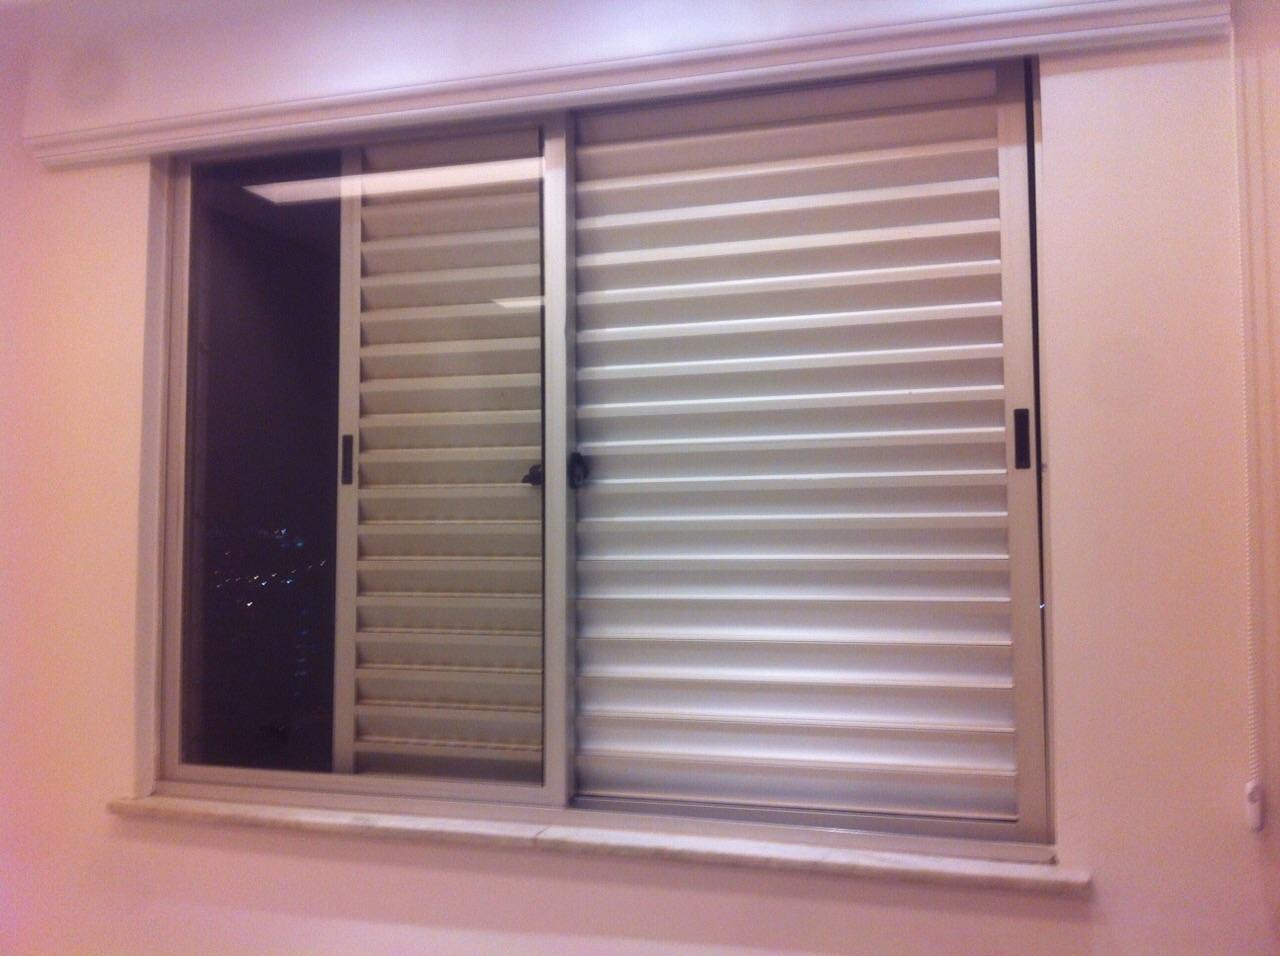 #904C3B janela de correr com veneziana janela veneziana acessório para janela 4092 Fecho Tipo Orelha Para Janela De Aluminio De Correr